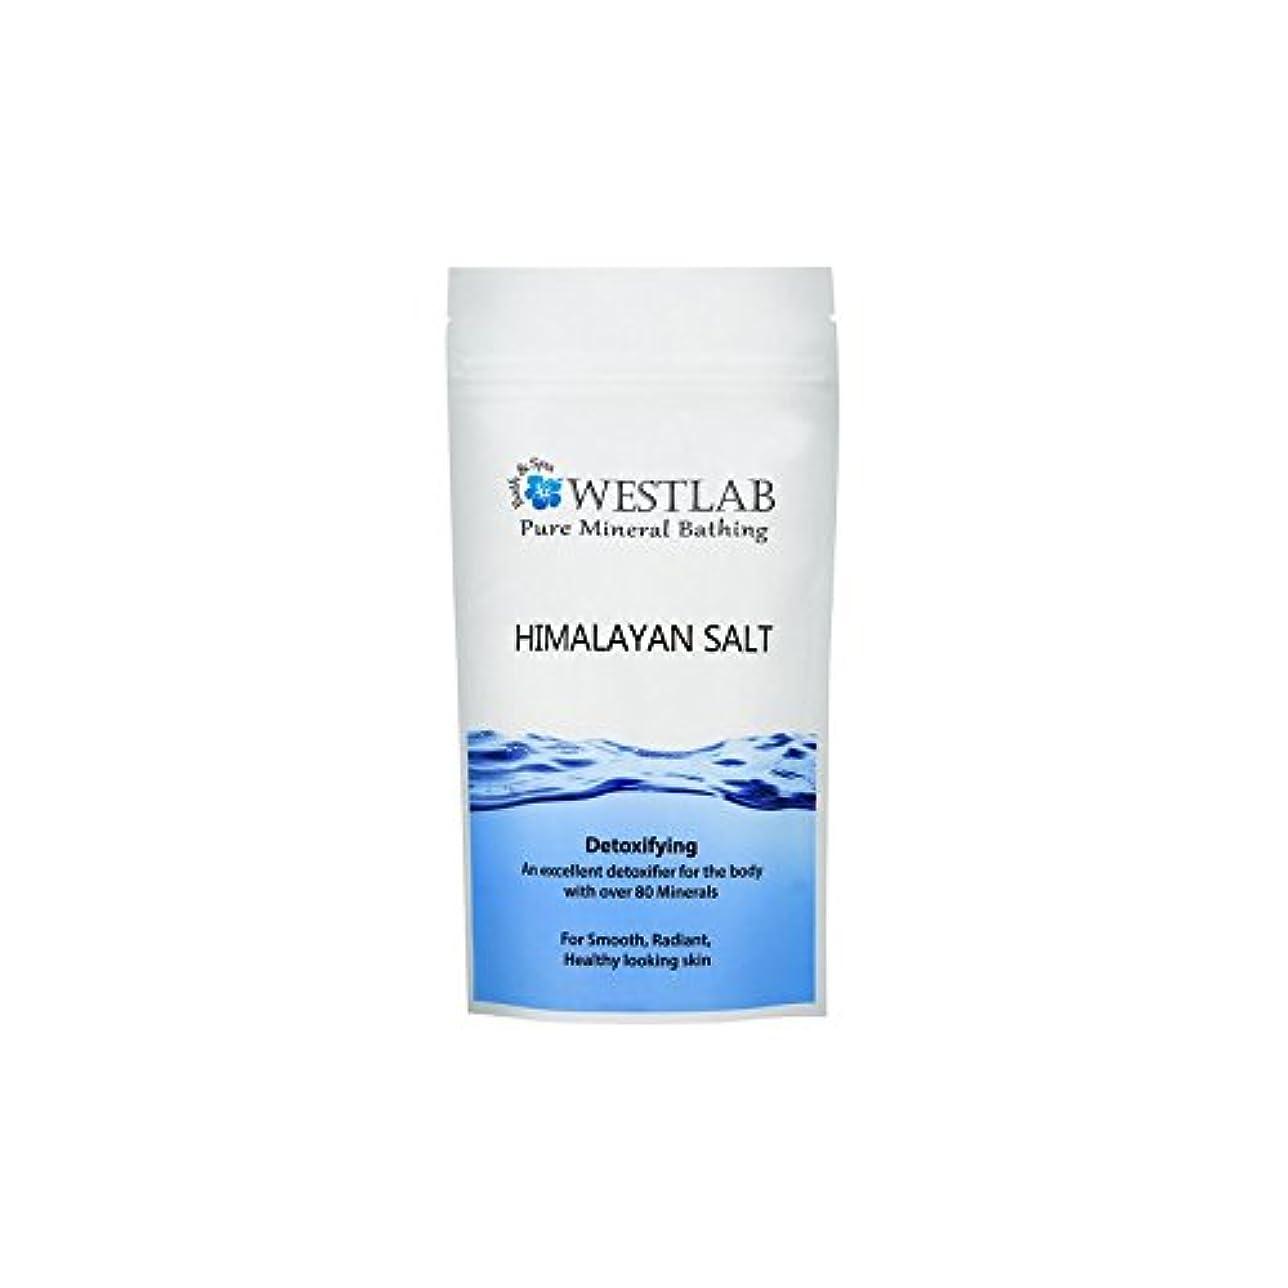 セットアッププラス仮装ヒマラヤの塩500グラム x4 - Westlab Himalayan Salt 500g (Pack of 4) [並行輸入品]